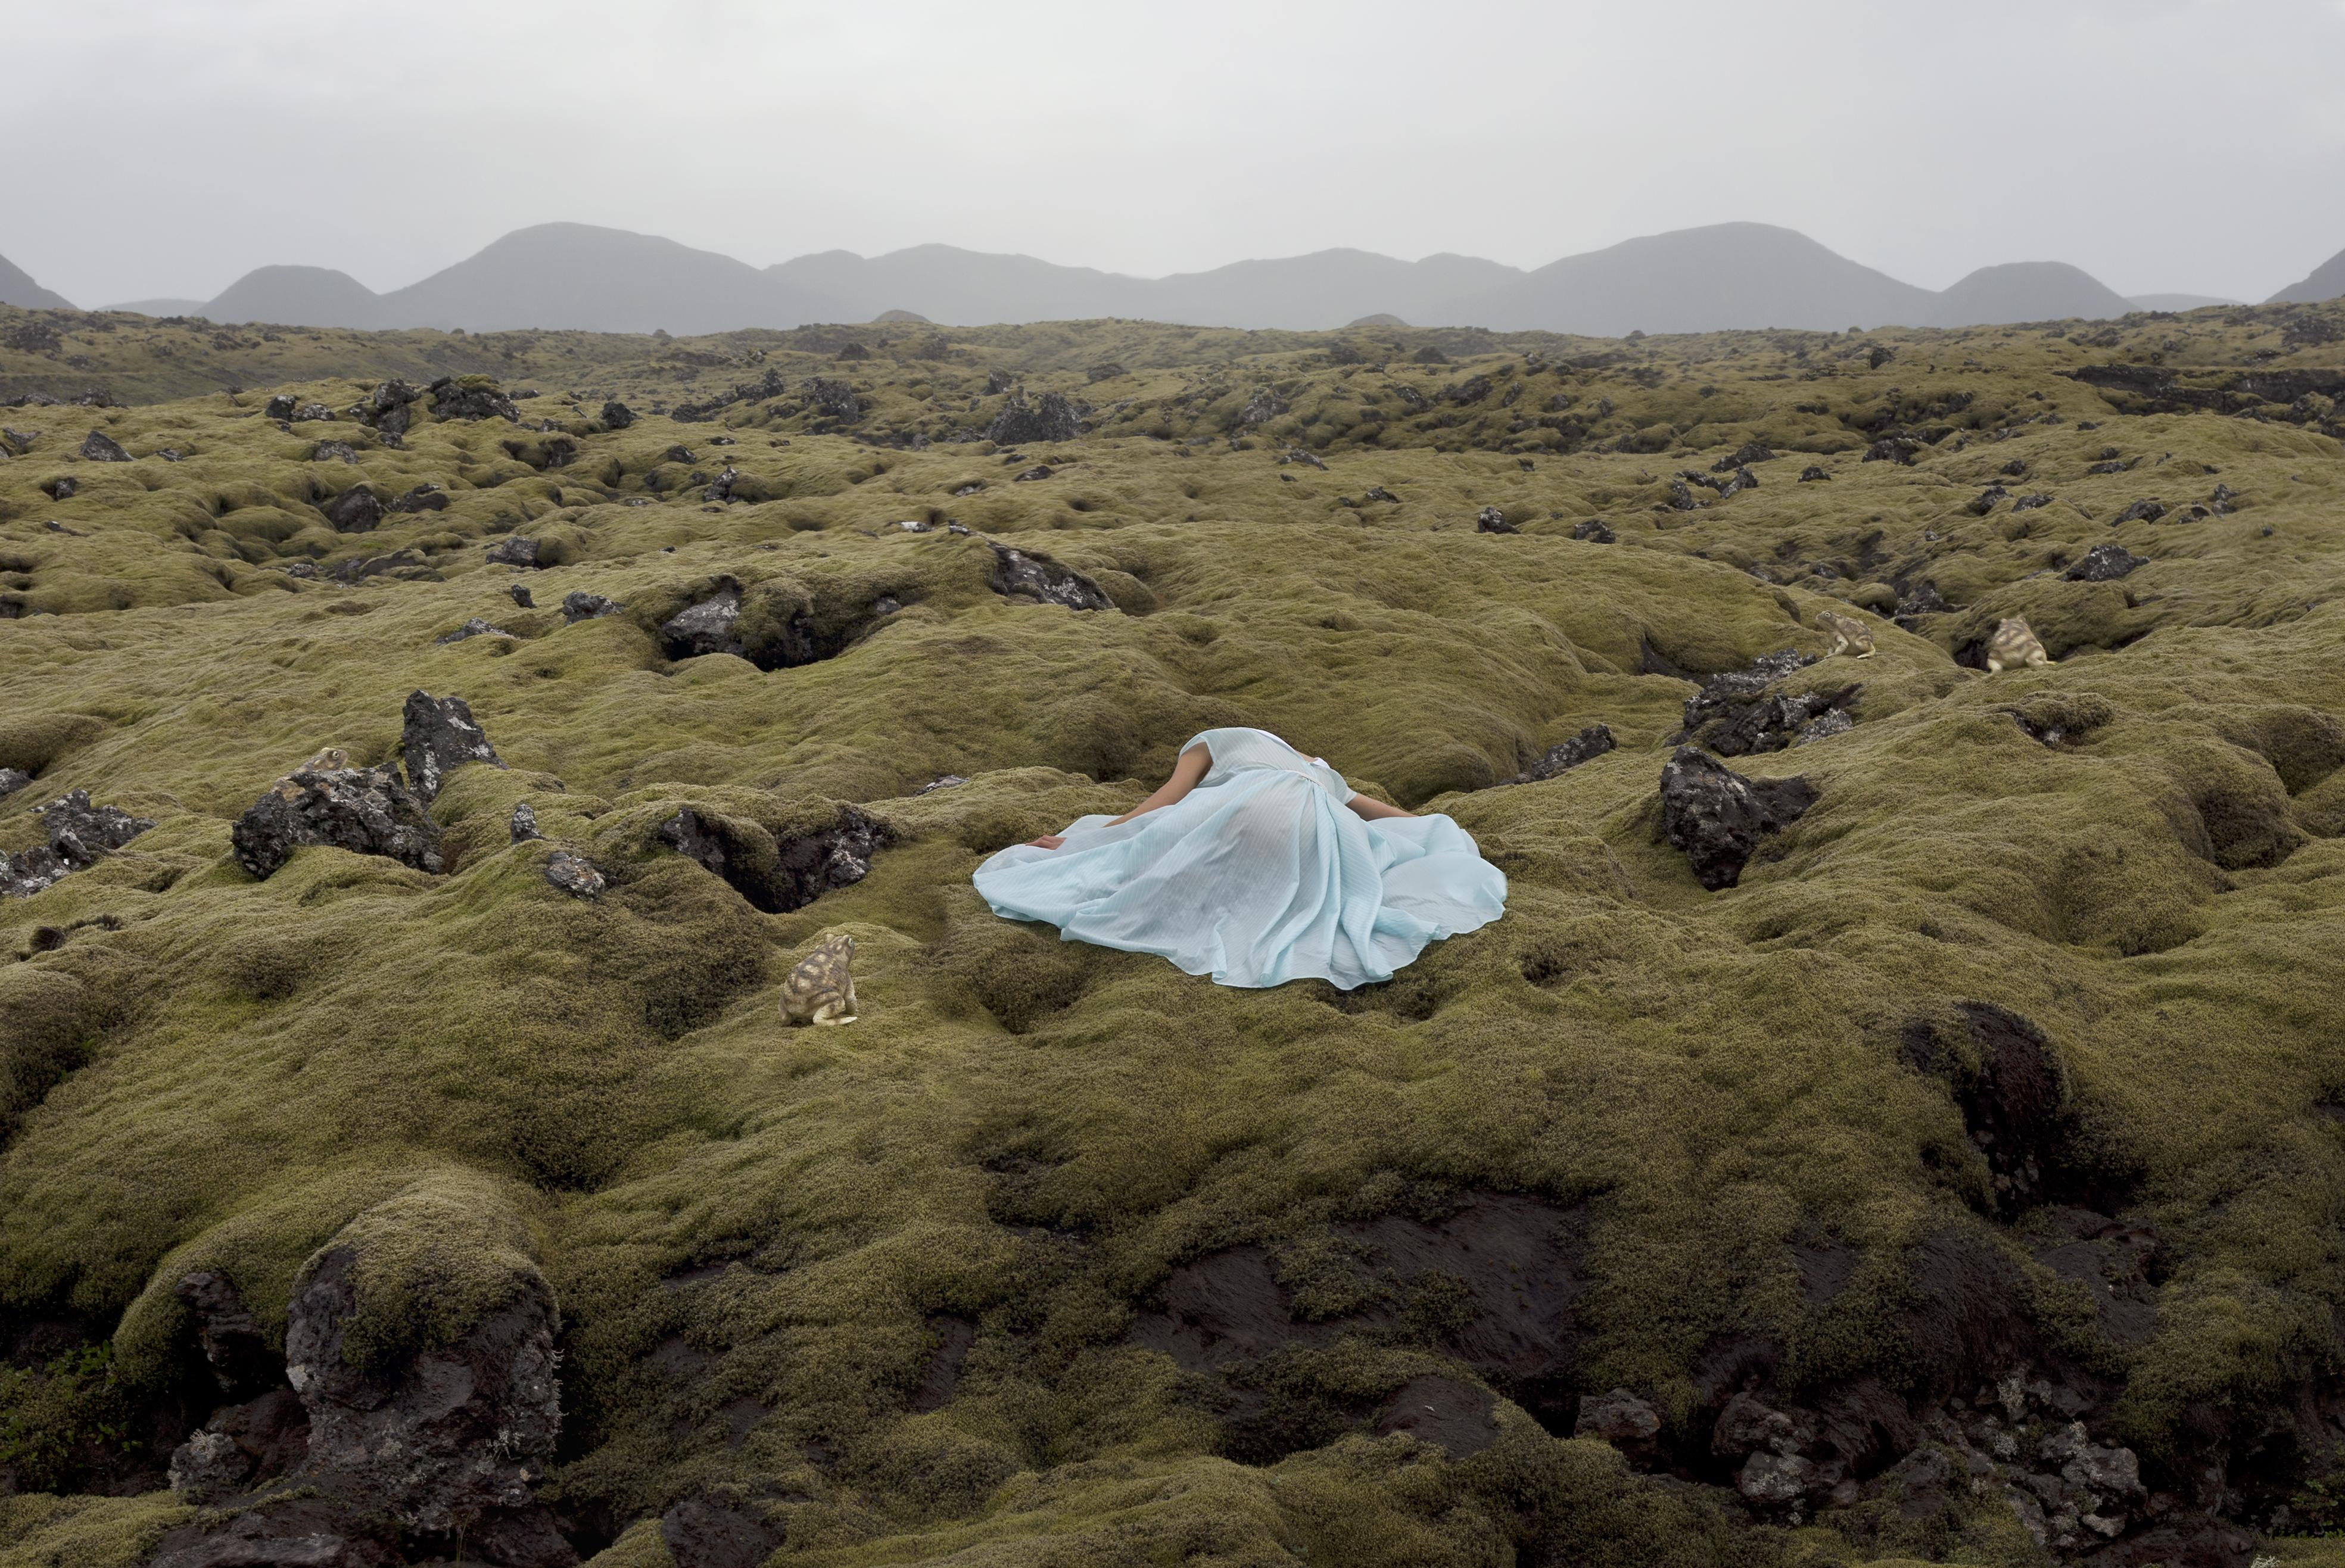 Ann Eringstam - In Search of Wonderland 12